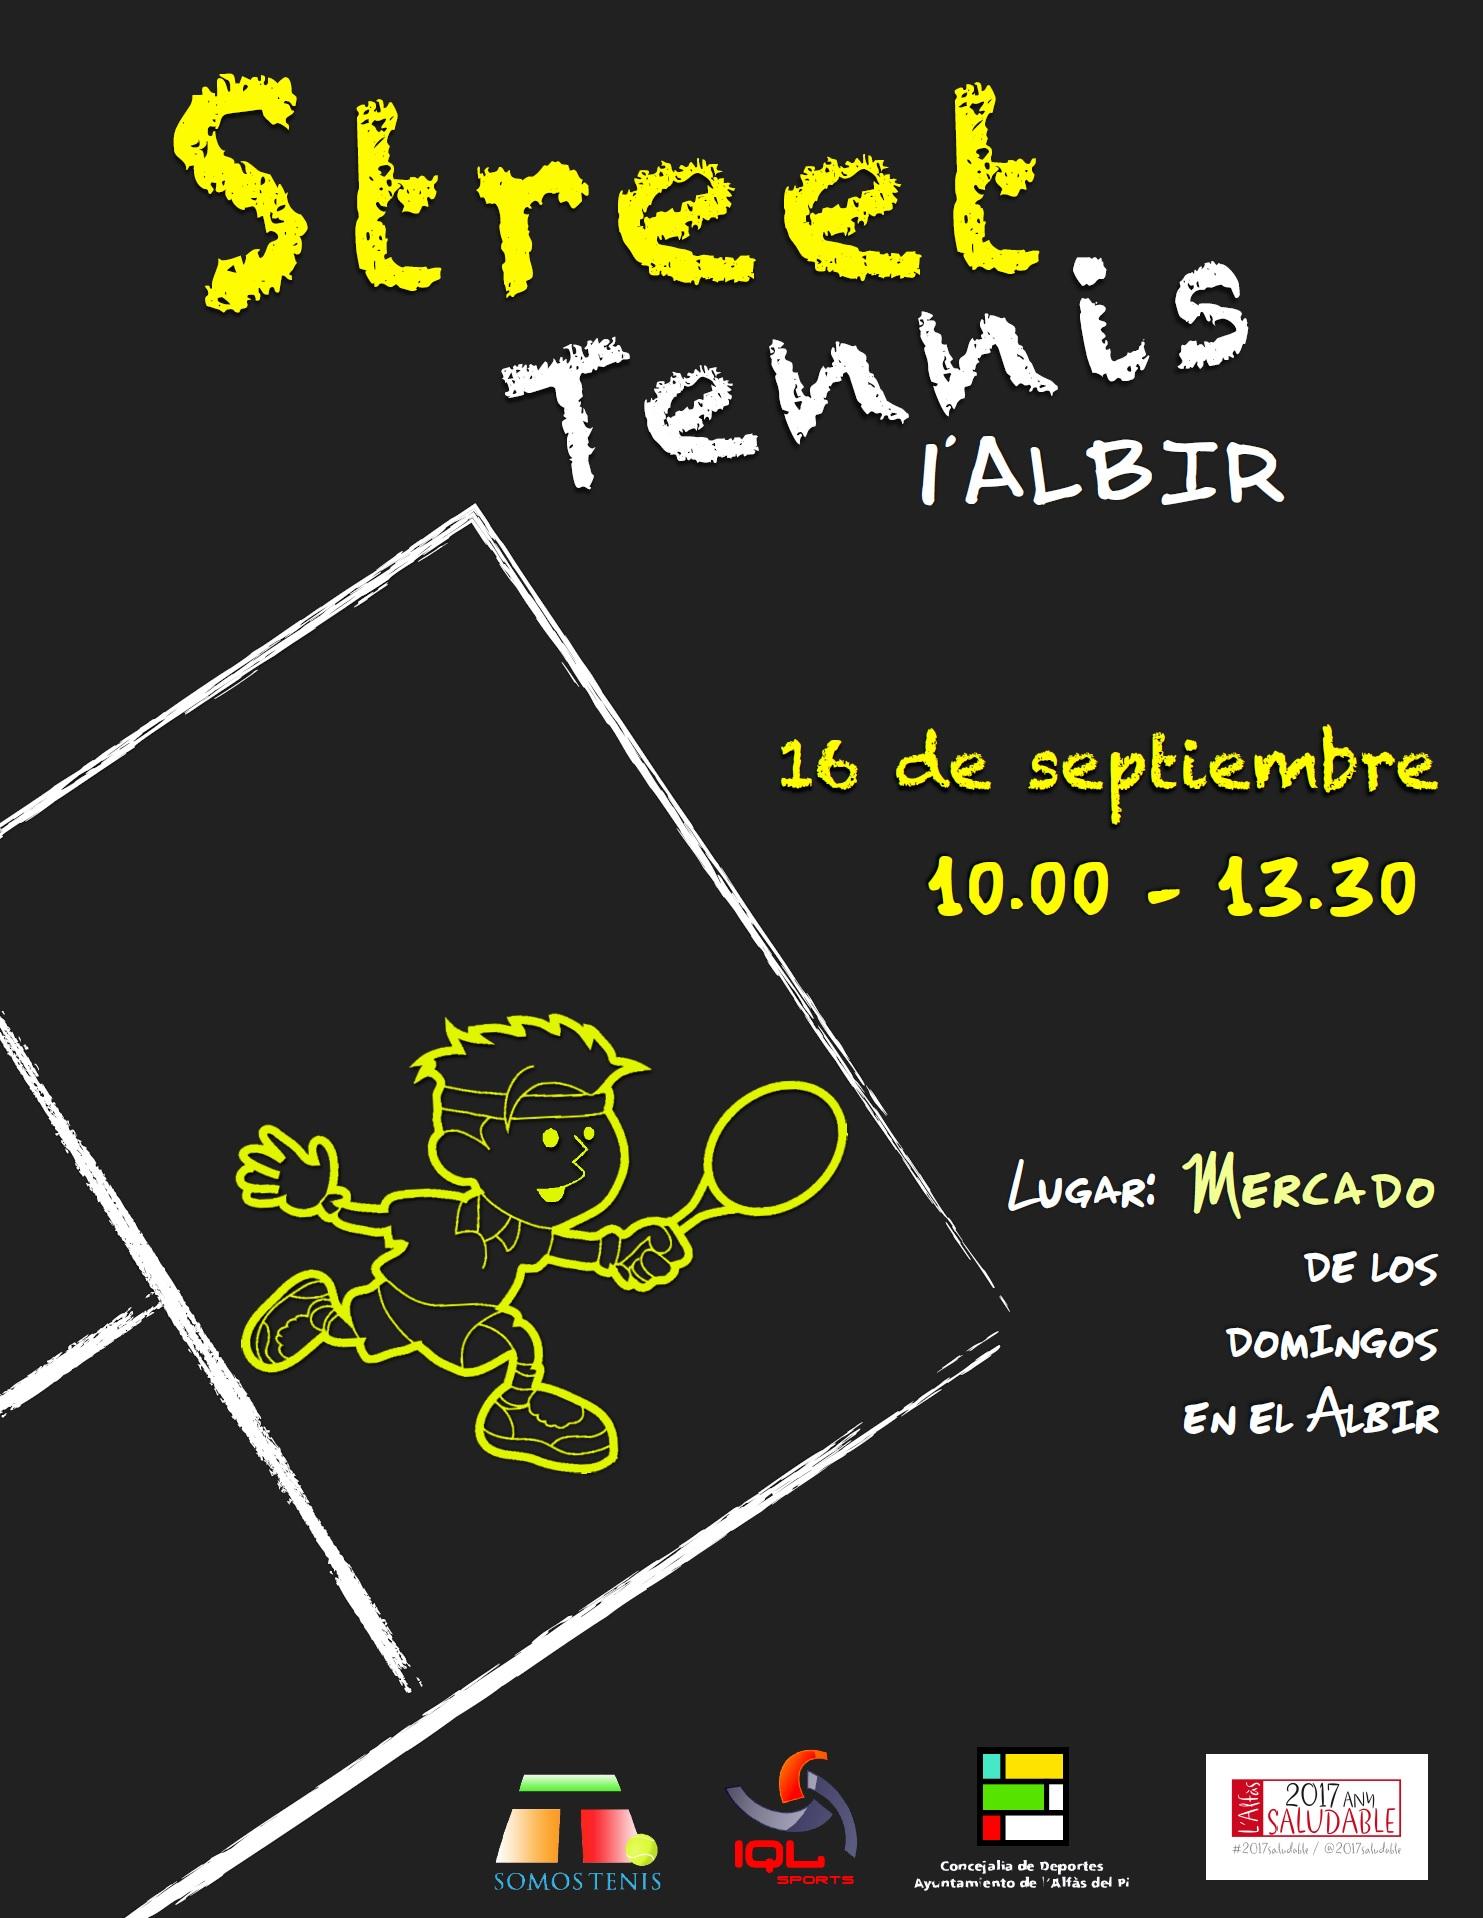 EL Albir acogerá una jornada de Street Tennis el próximo 16 de septiembre